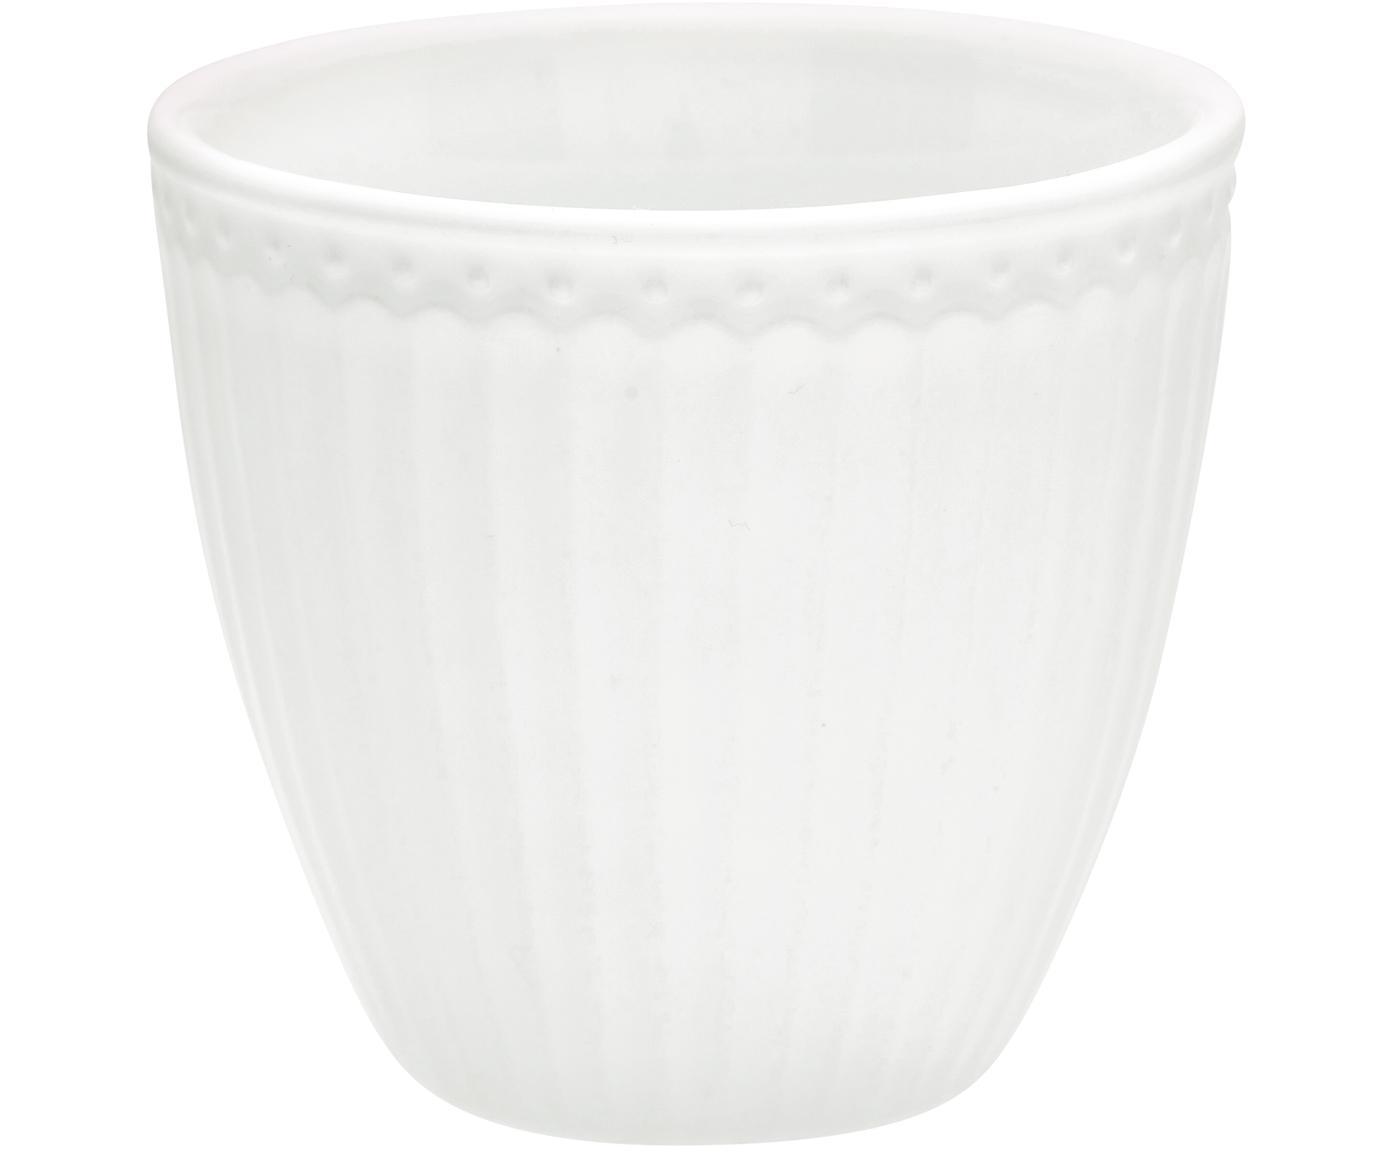 Handgefertigte Becher Alice in Weiß mit Reliefdesign, 2 Stück, Steingut, Weiß, Ø 10 x H 9 cm